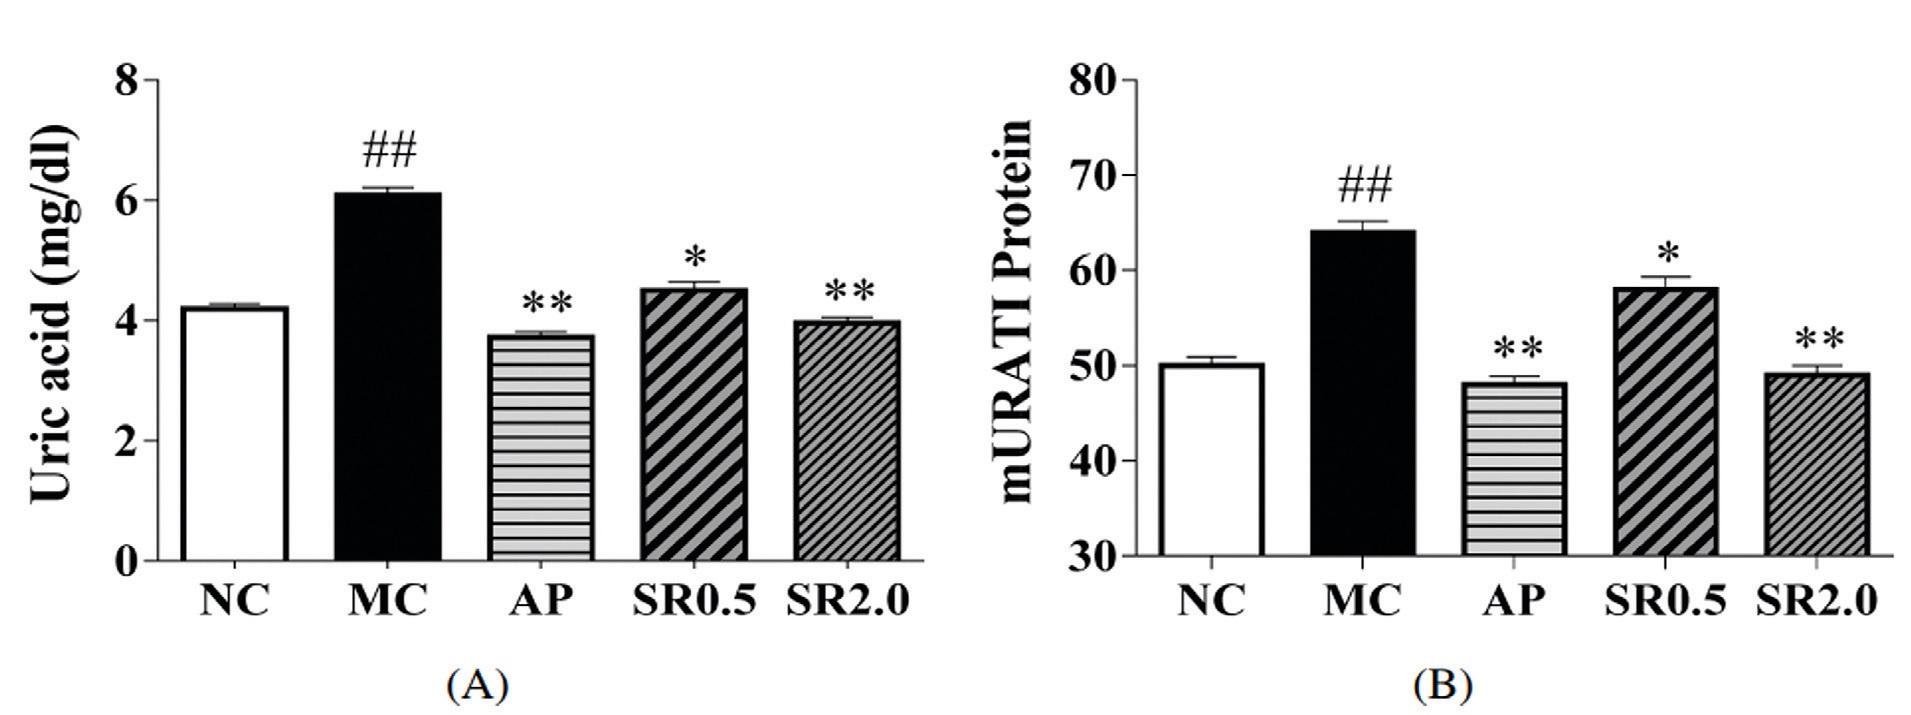 Влияние общих сапонинов S. riparia (SR) у мышей с гиперурикемией. (A) SR снижает уровень мочевой кислоты в сыворотке. (B) SR уменьшает экспрессию почечного белка mURAT1